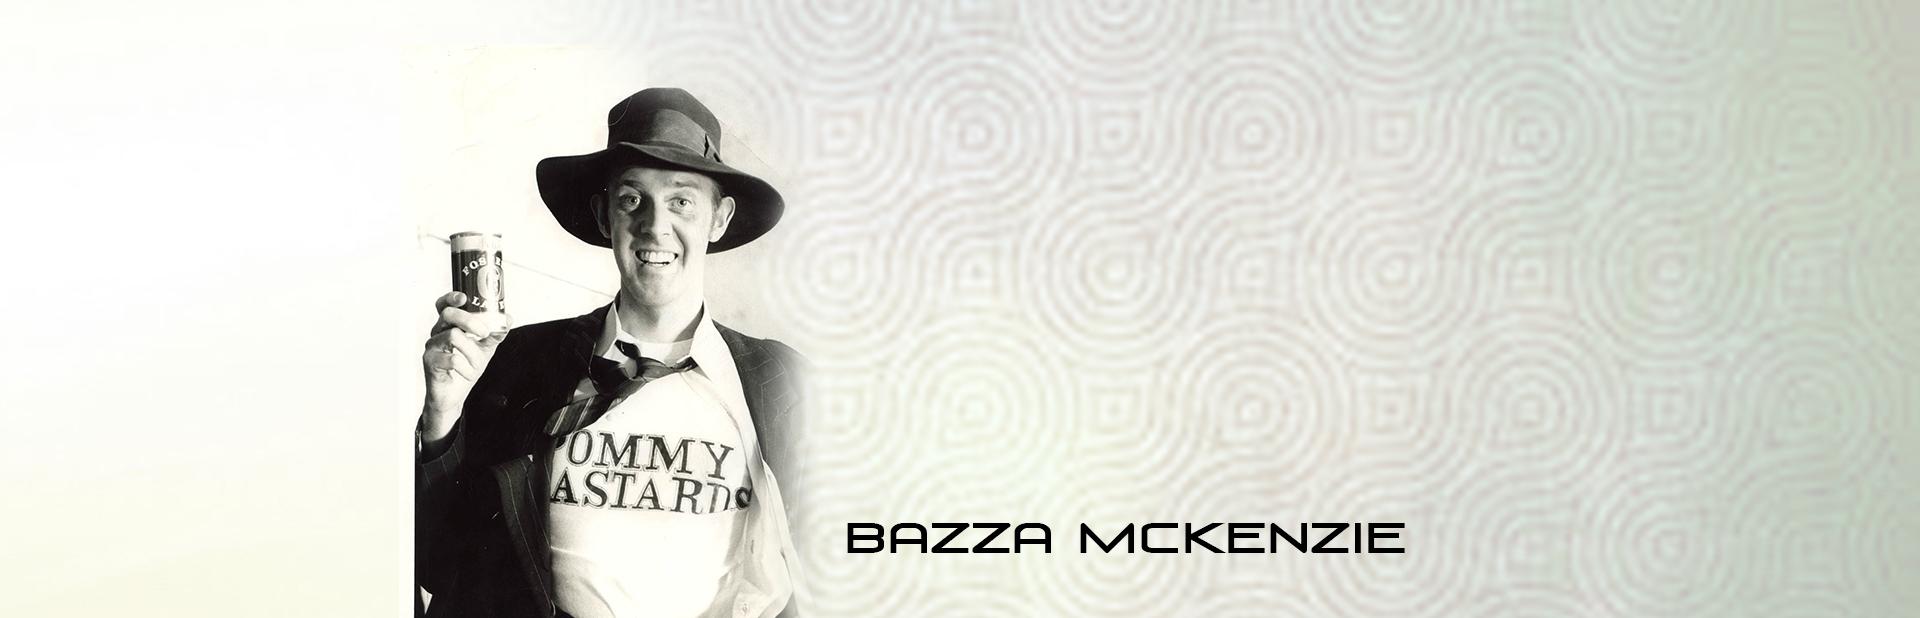 Bazza Mckenzie